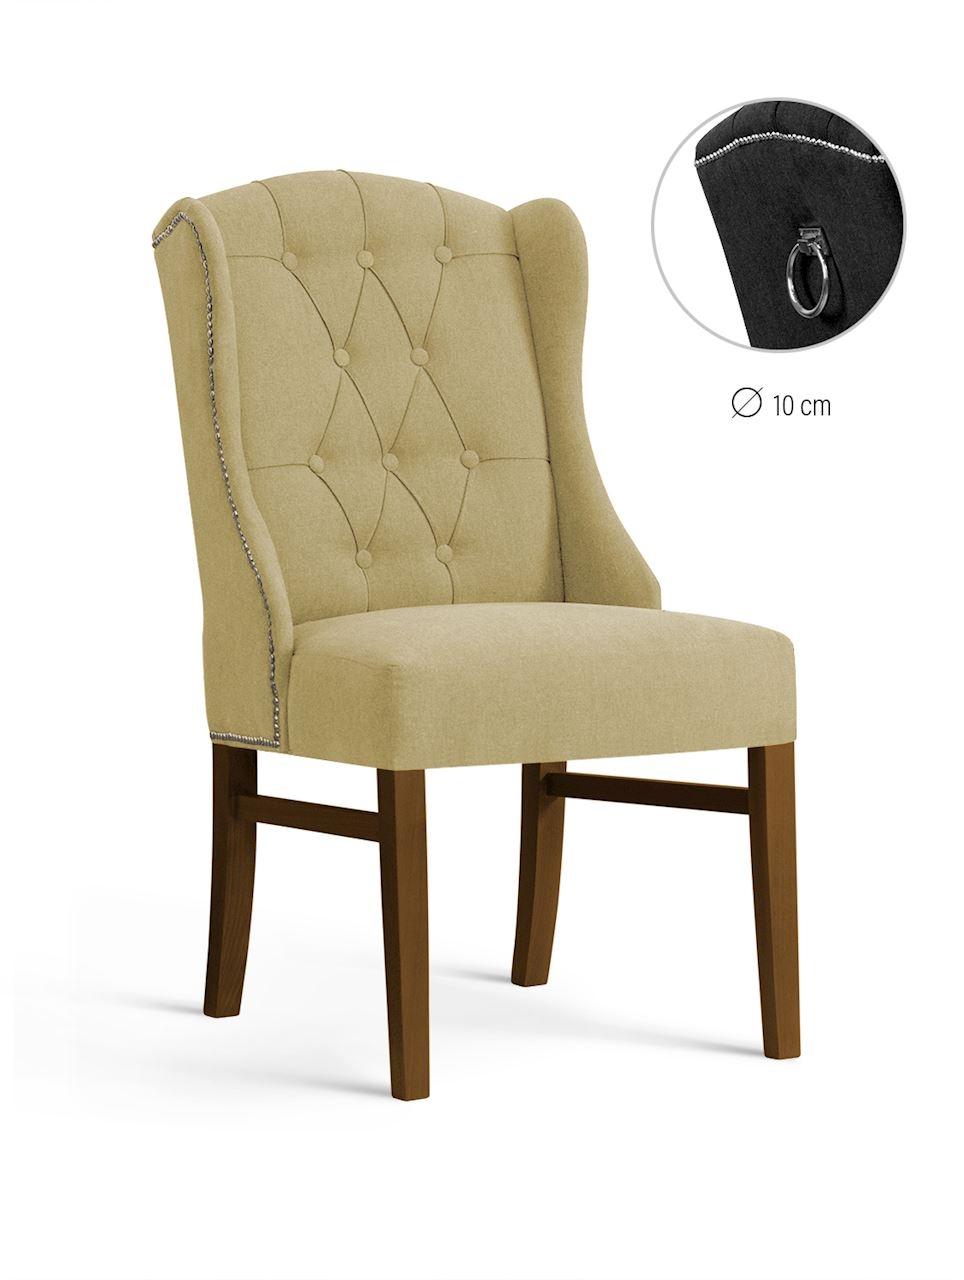 Scaun tapitat cu stofa, cu picioare din lemn Royal Beige / Walnut, l55xA74xH105 cm